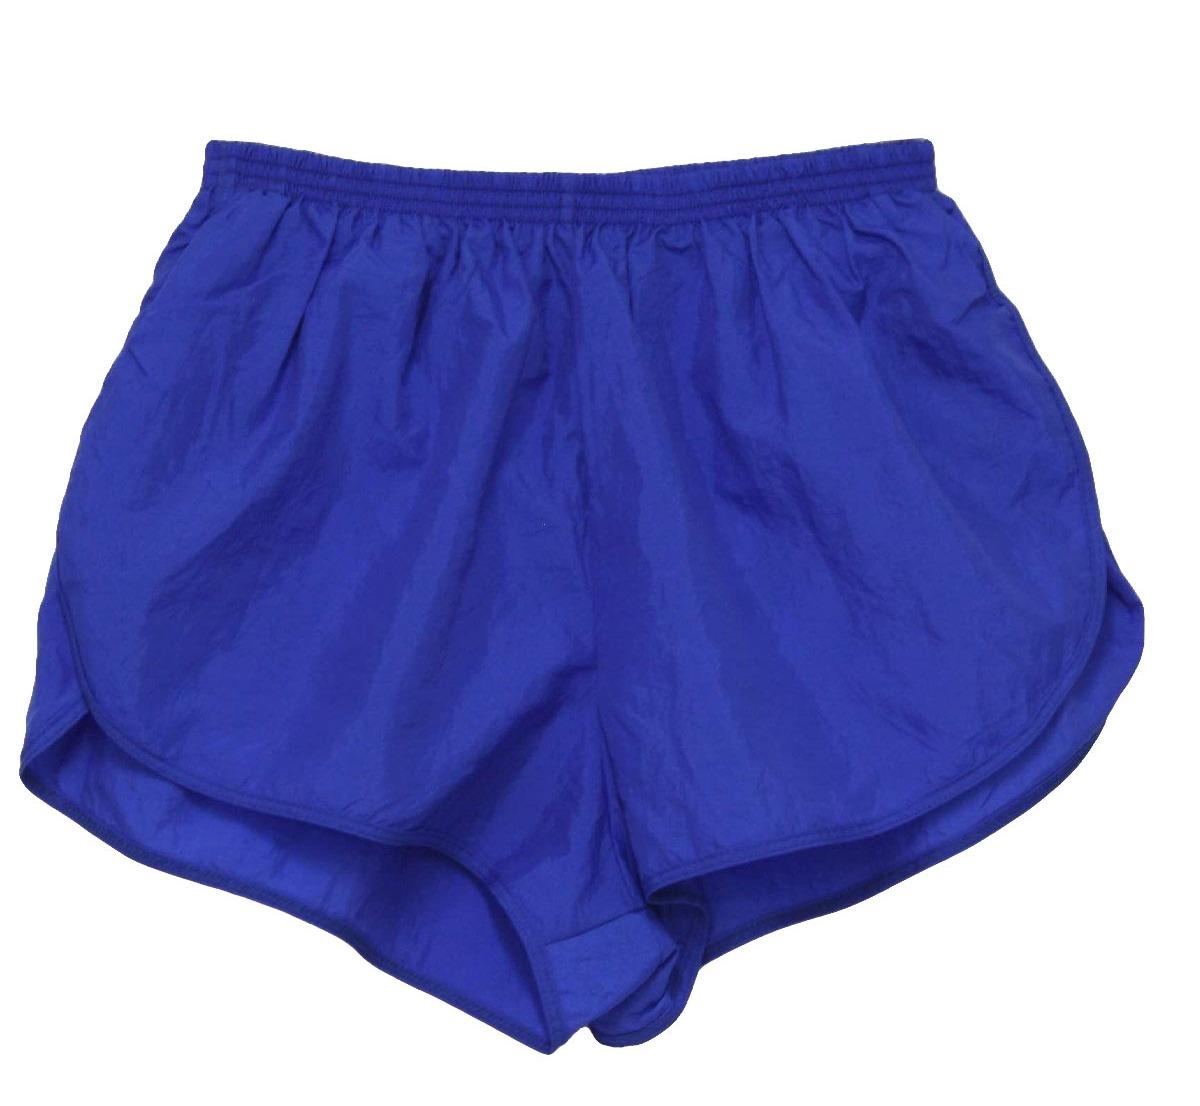 blue shorts.jpg.